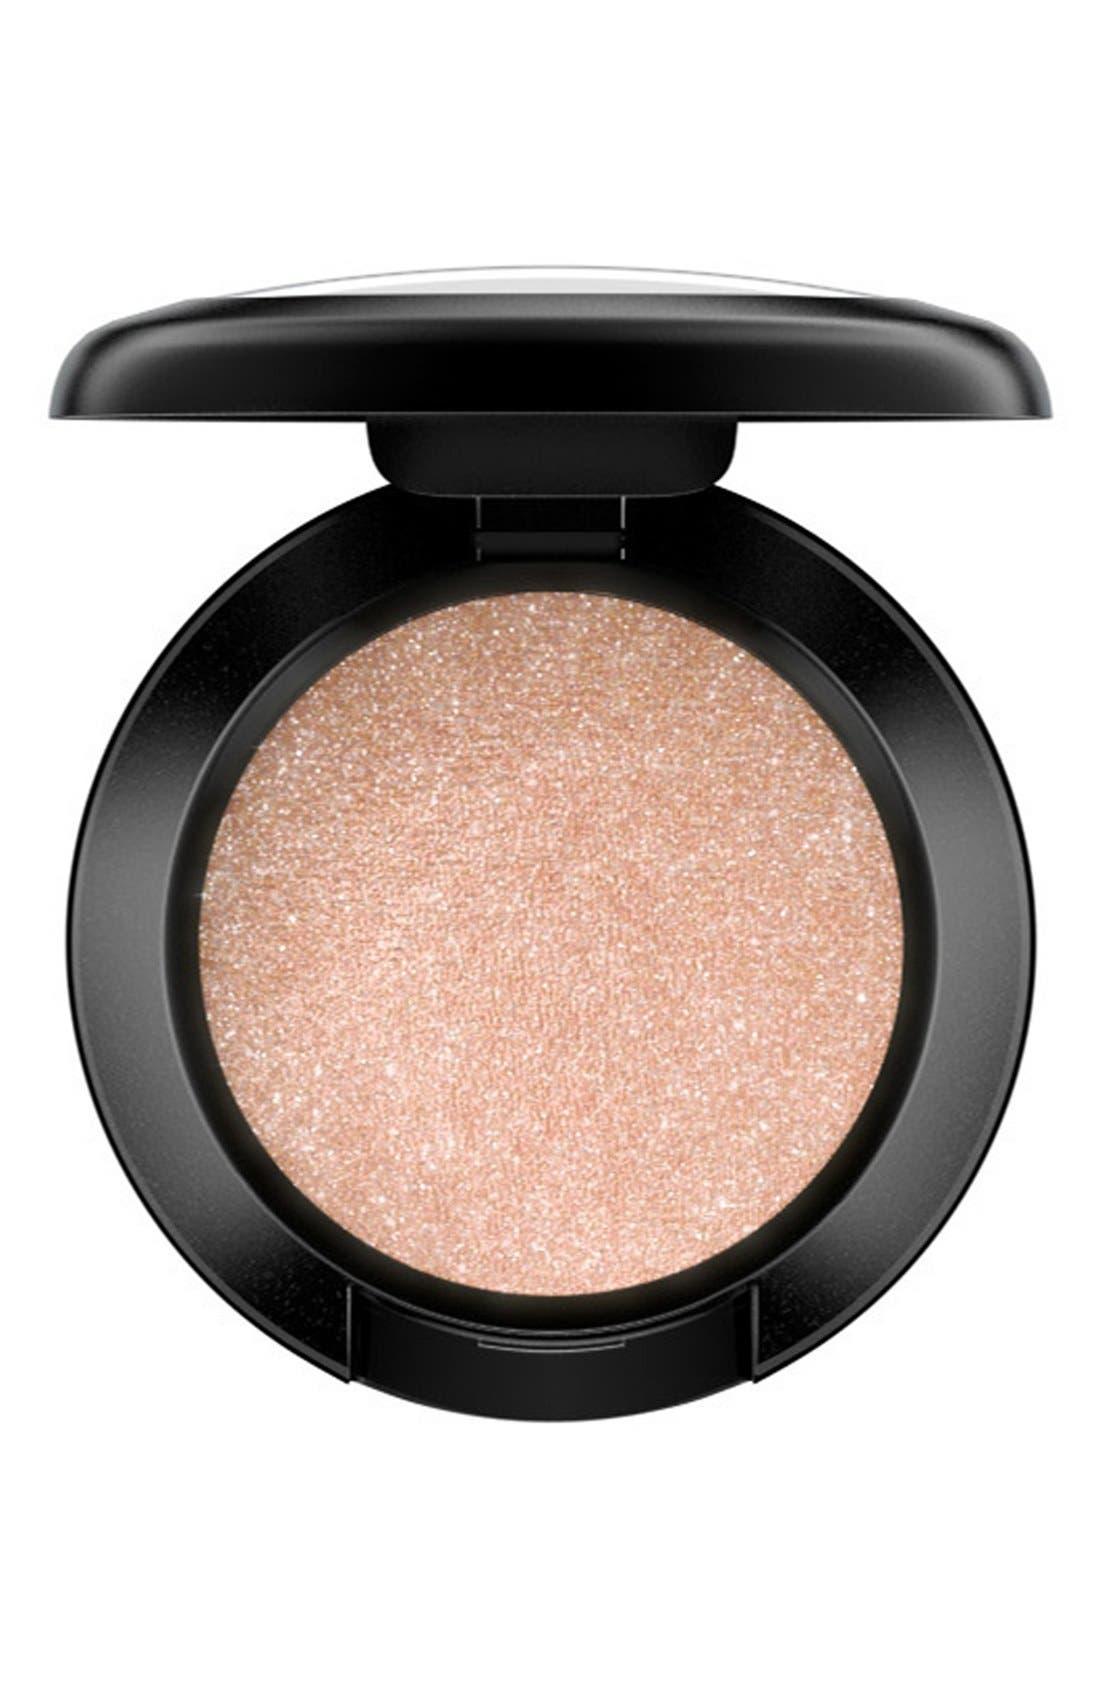 MAC Beige/Brown Eyeshadow